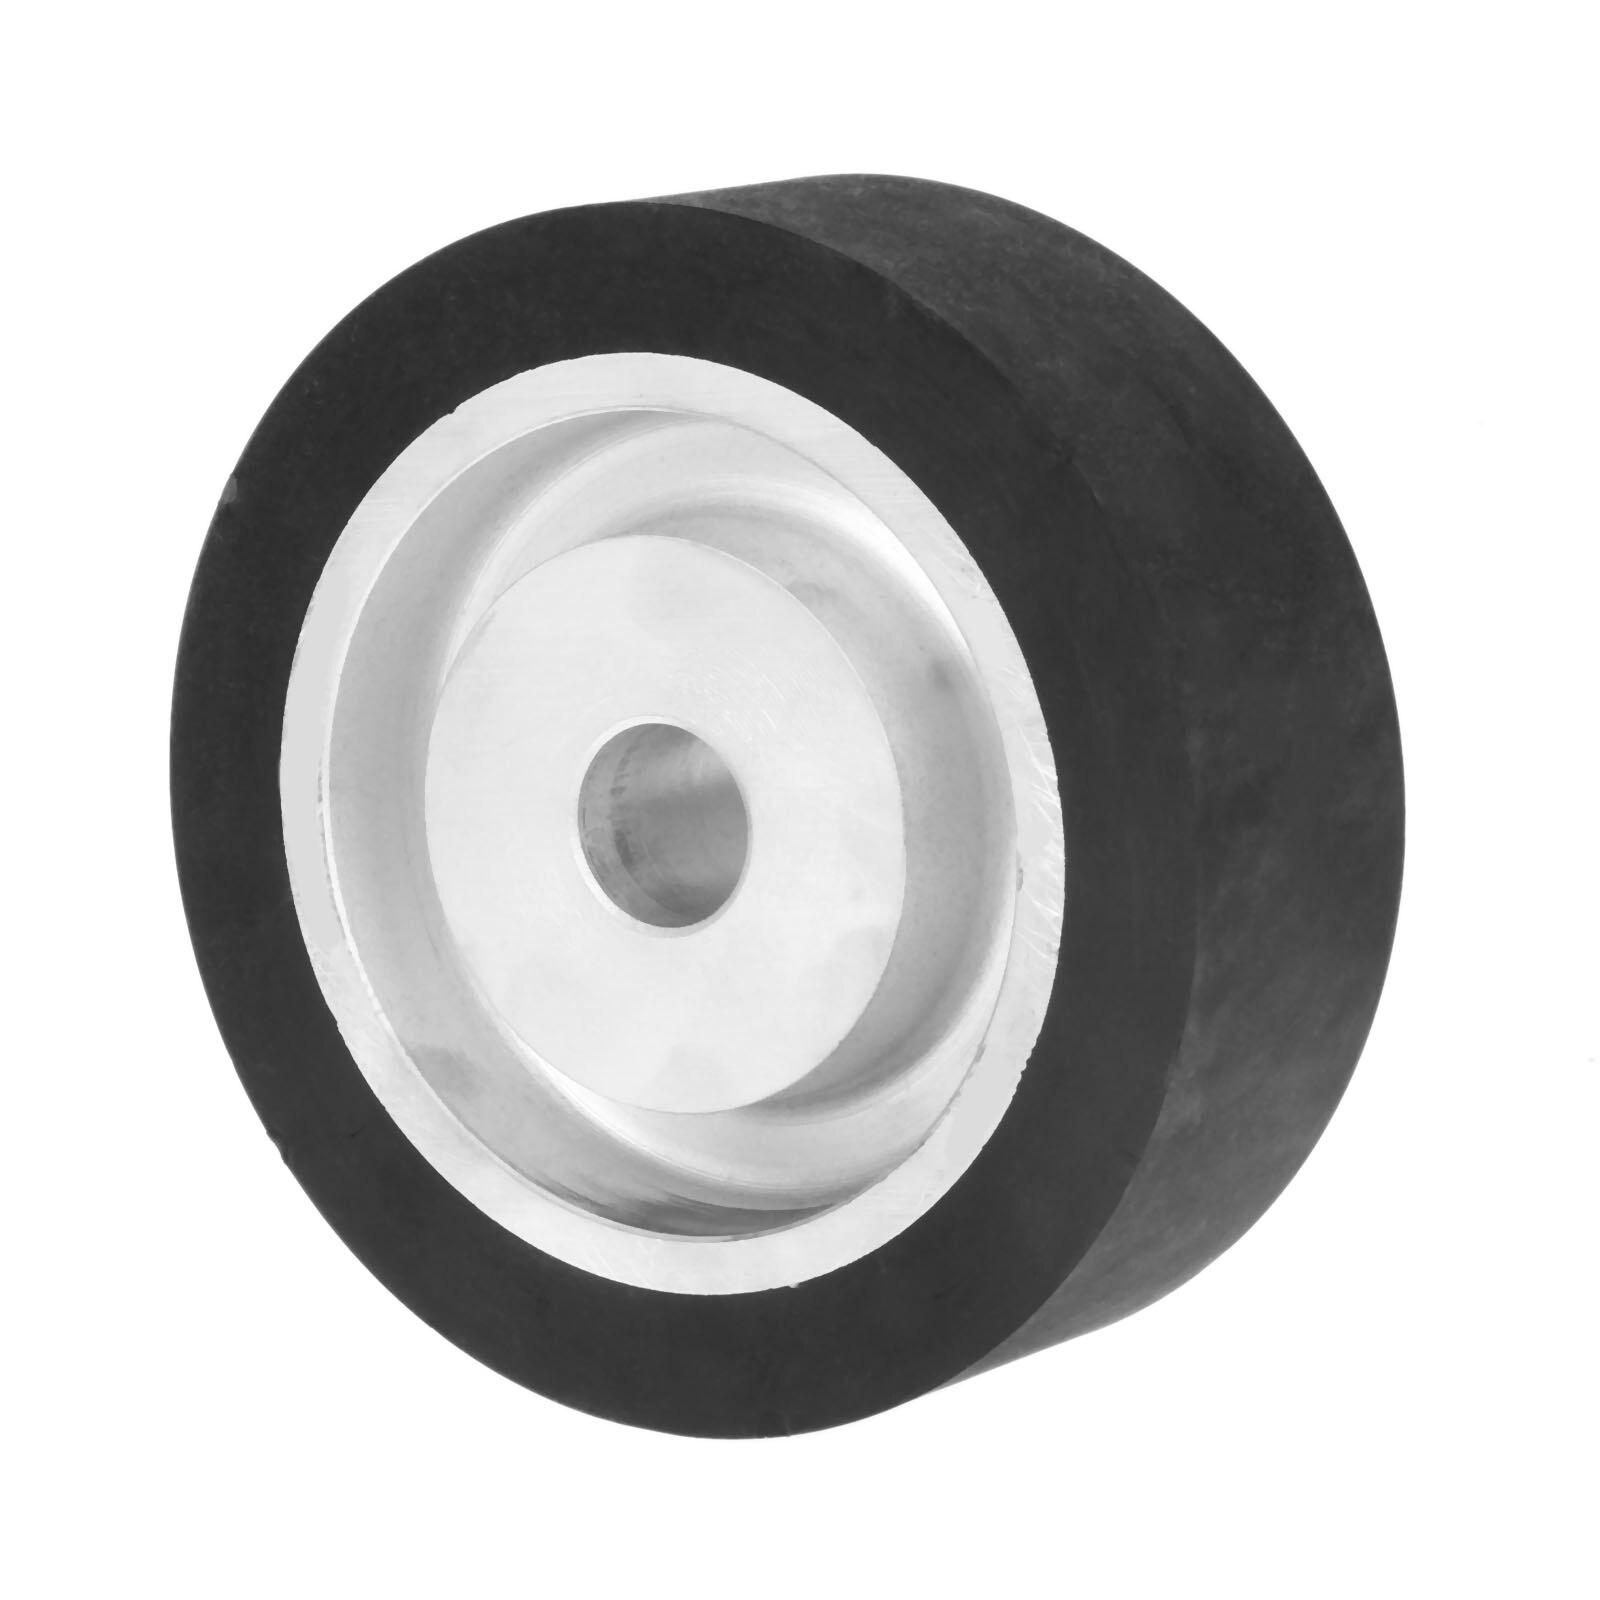 DRELD 150*50*25mm Plat Surface de Contact En Caoutchouc Roue Roue Ponceuse à bande Bande Abrasive Ensemble De Polissage Broyage ponçage Roue